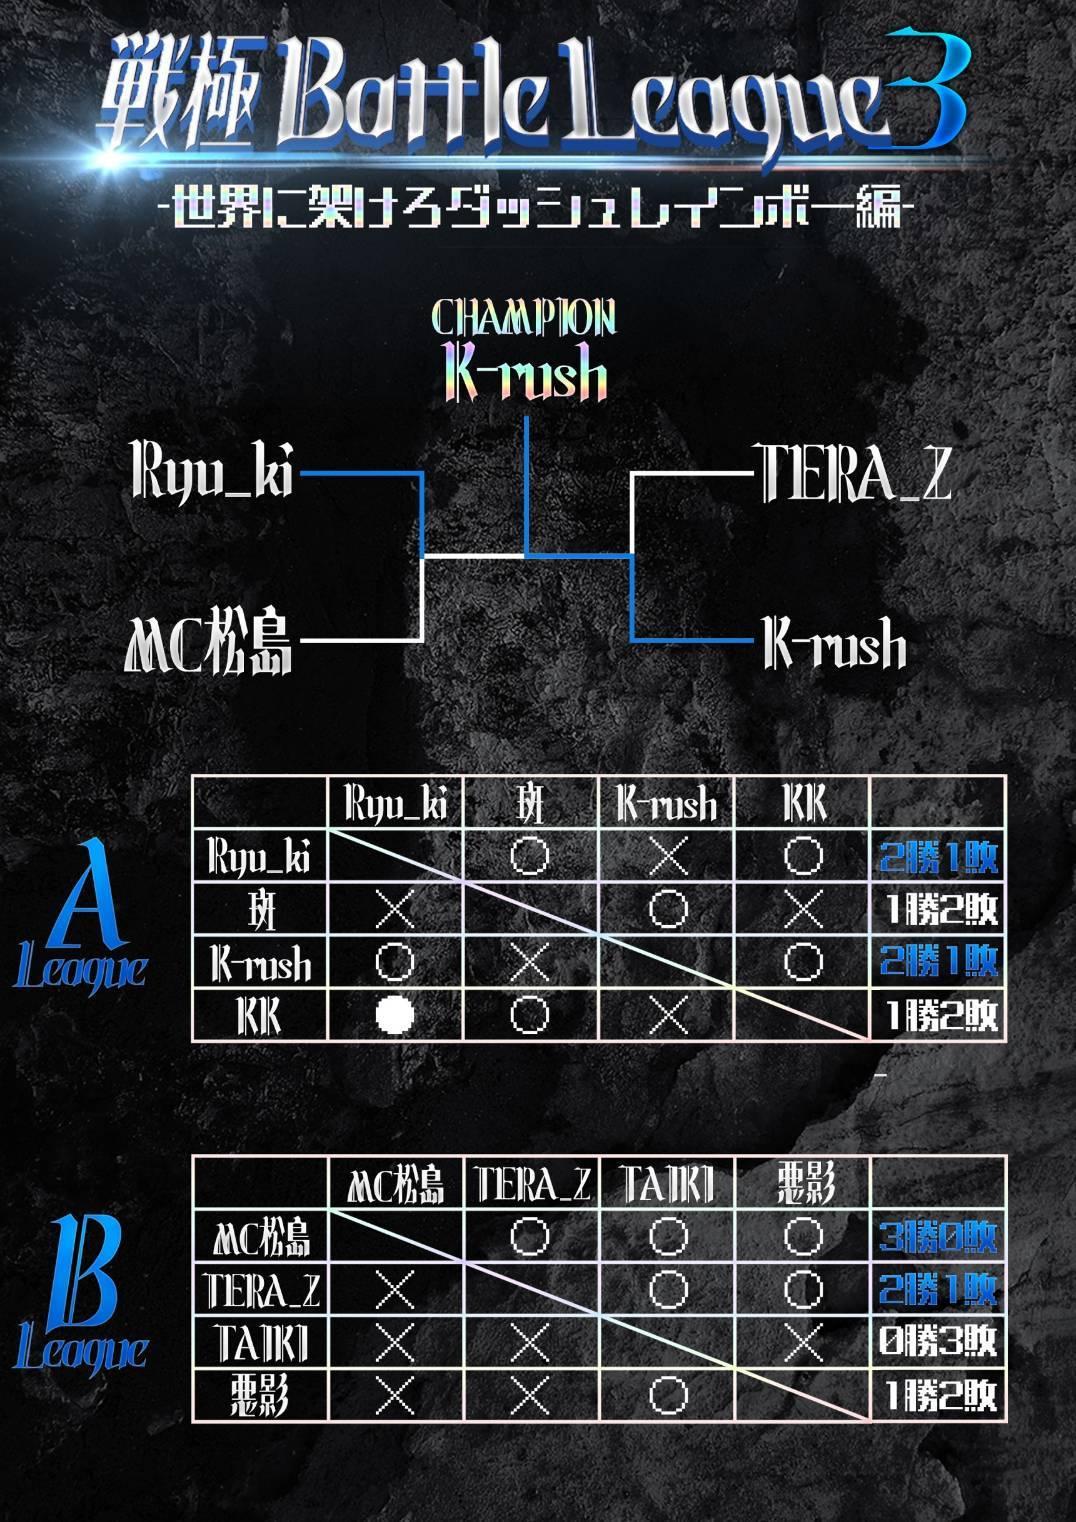 戦極Battle League 3 優勝者は...._e0246863_22173953.jpg